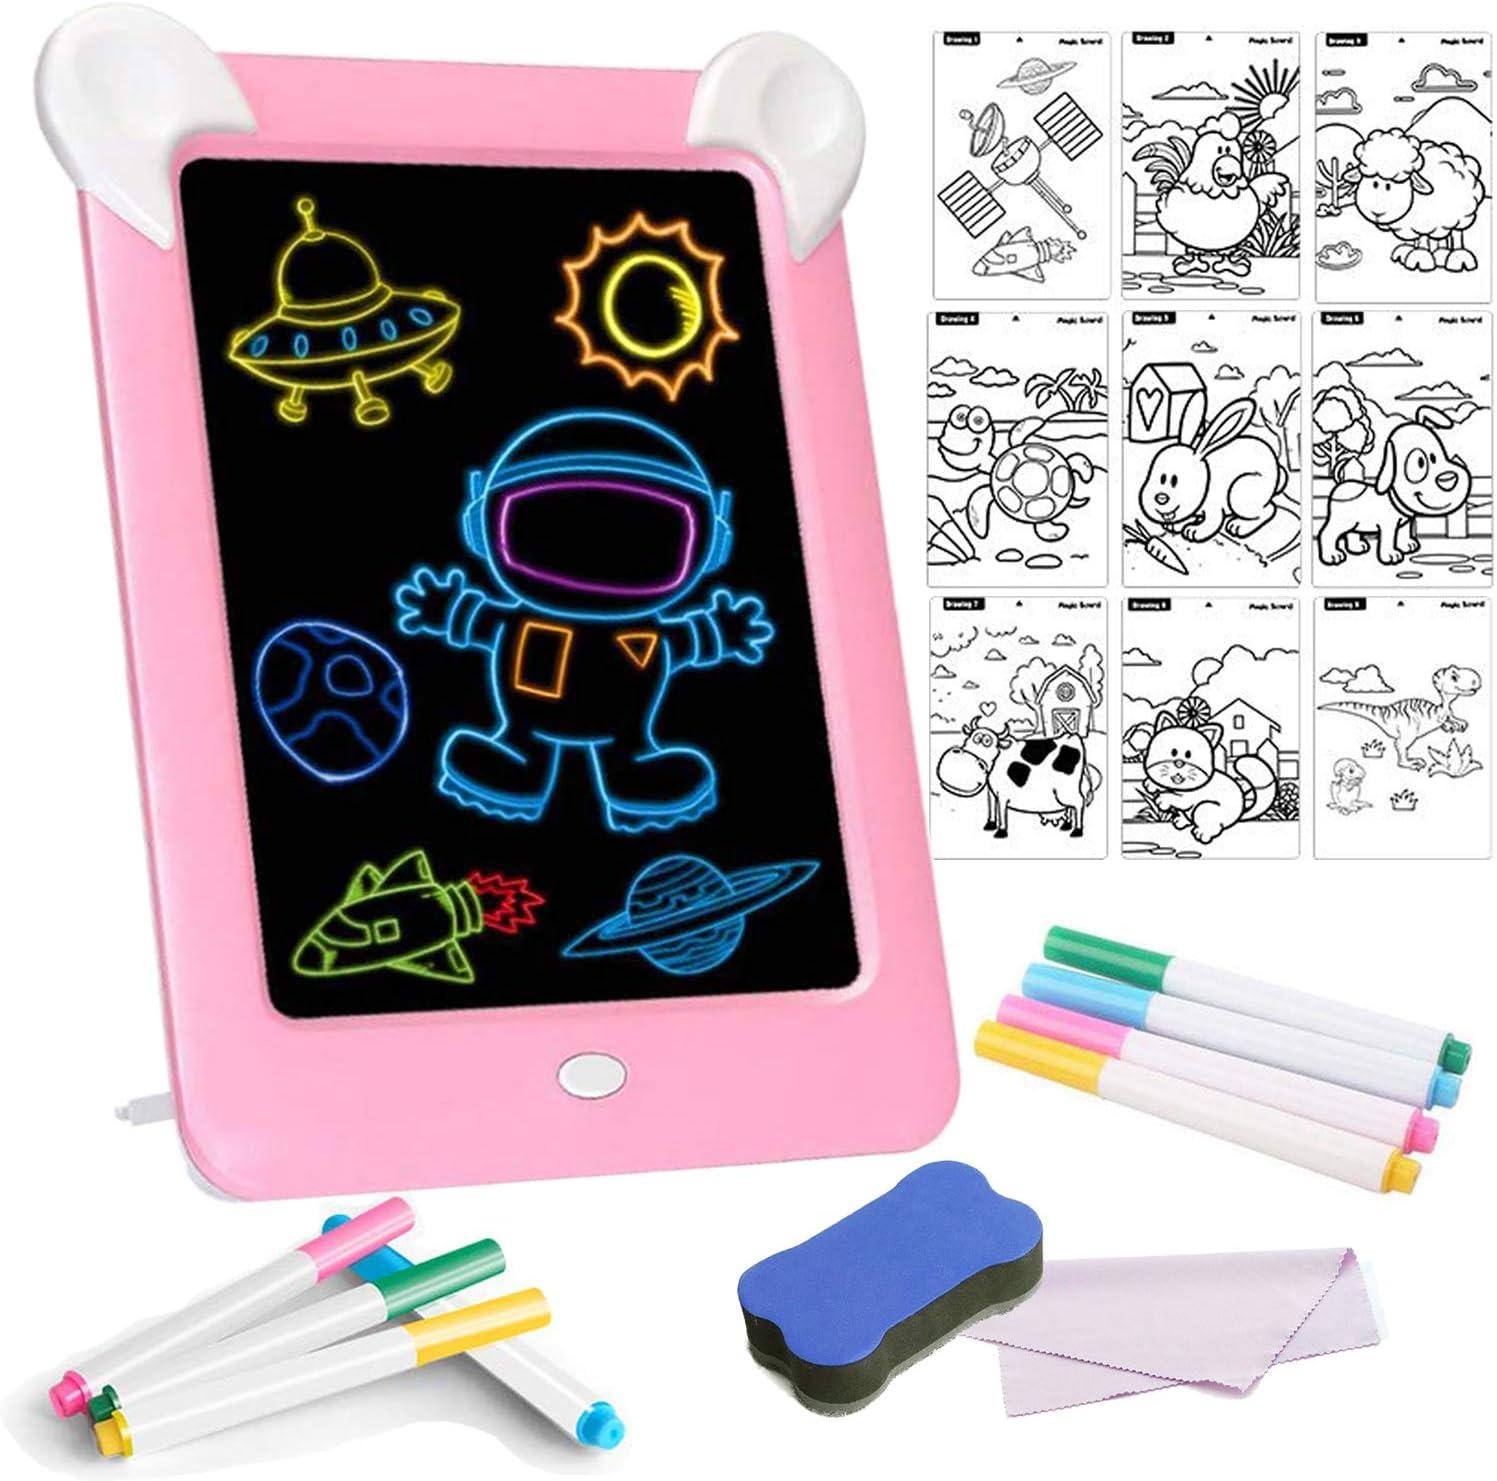 Tableta de Dibujo Pizarra 3D Mágica con Luces LED Educativo Infantil Borrable Dibujo de Graffiti Colorido Luminoso sin Papel & Marco de Fotos Regalos Juguetes para Niños (Rosa): Amazon.es: Oficina y papelería